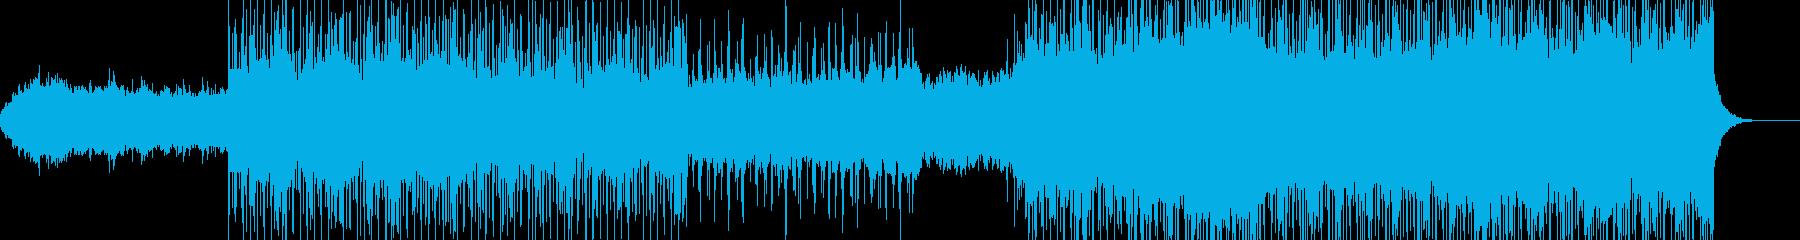 フューチャーアンビエントBGMの再生済みの波形